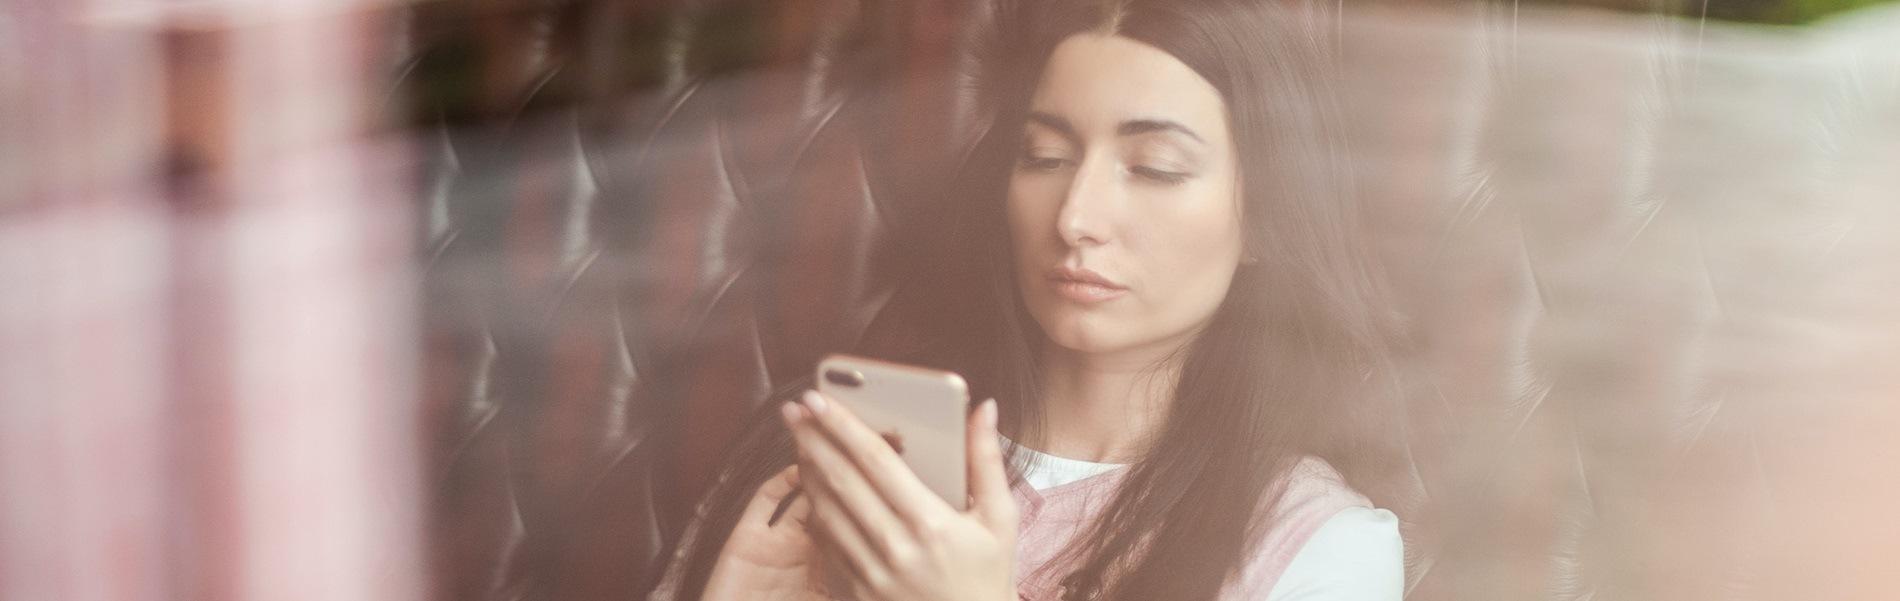 Маркет-платформа Вконтакте: как запустить рекламу